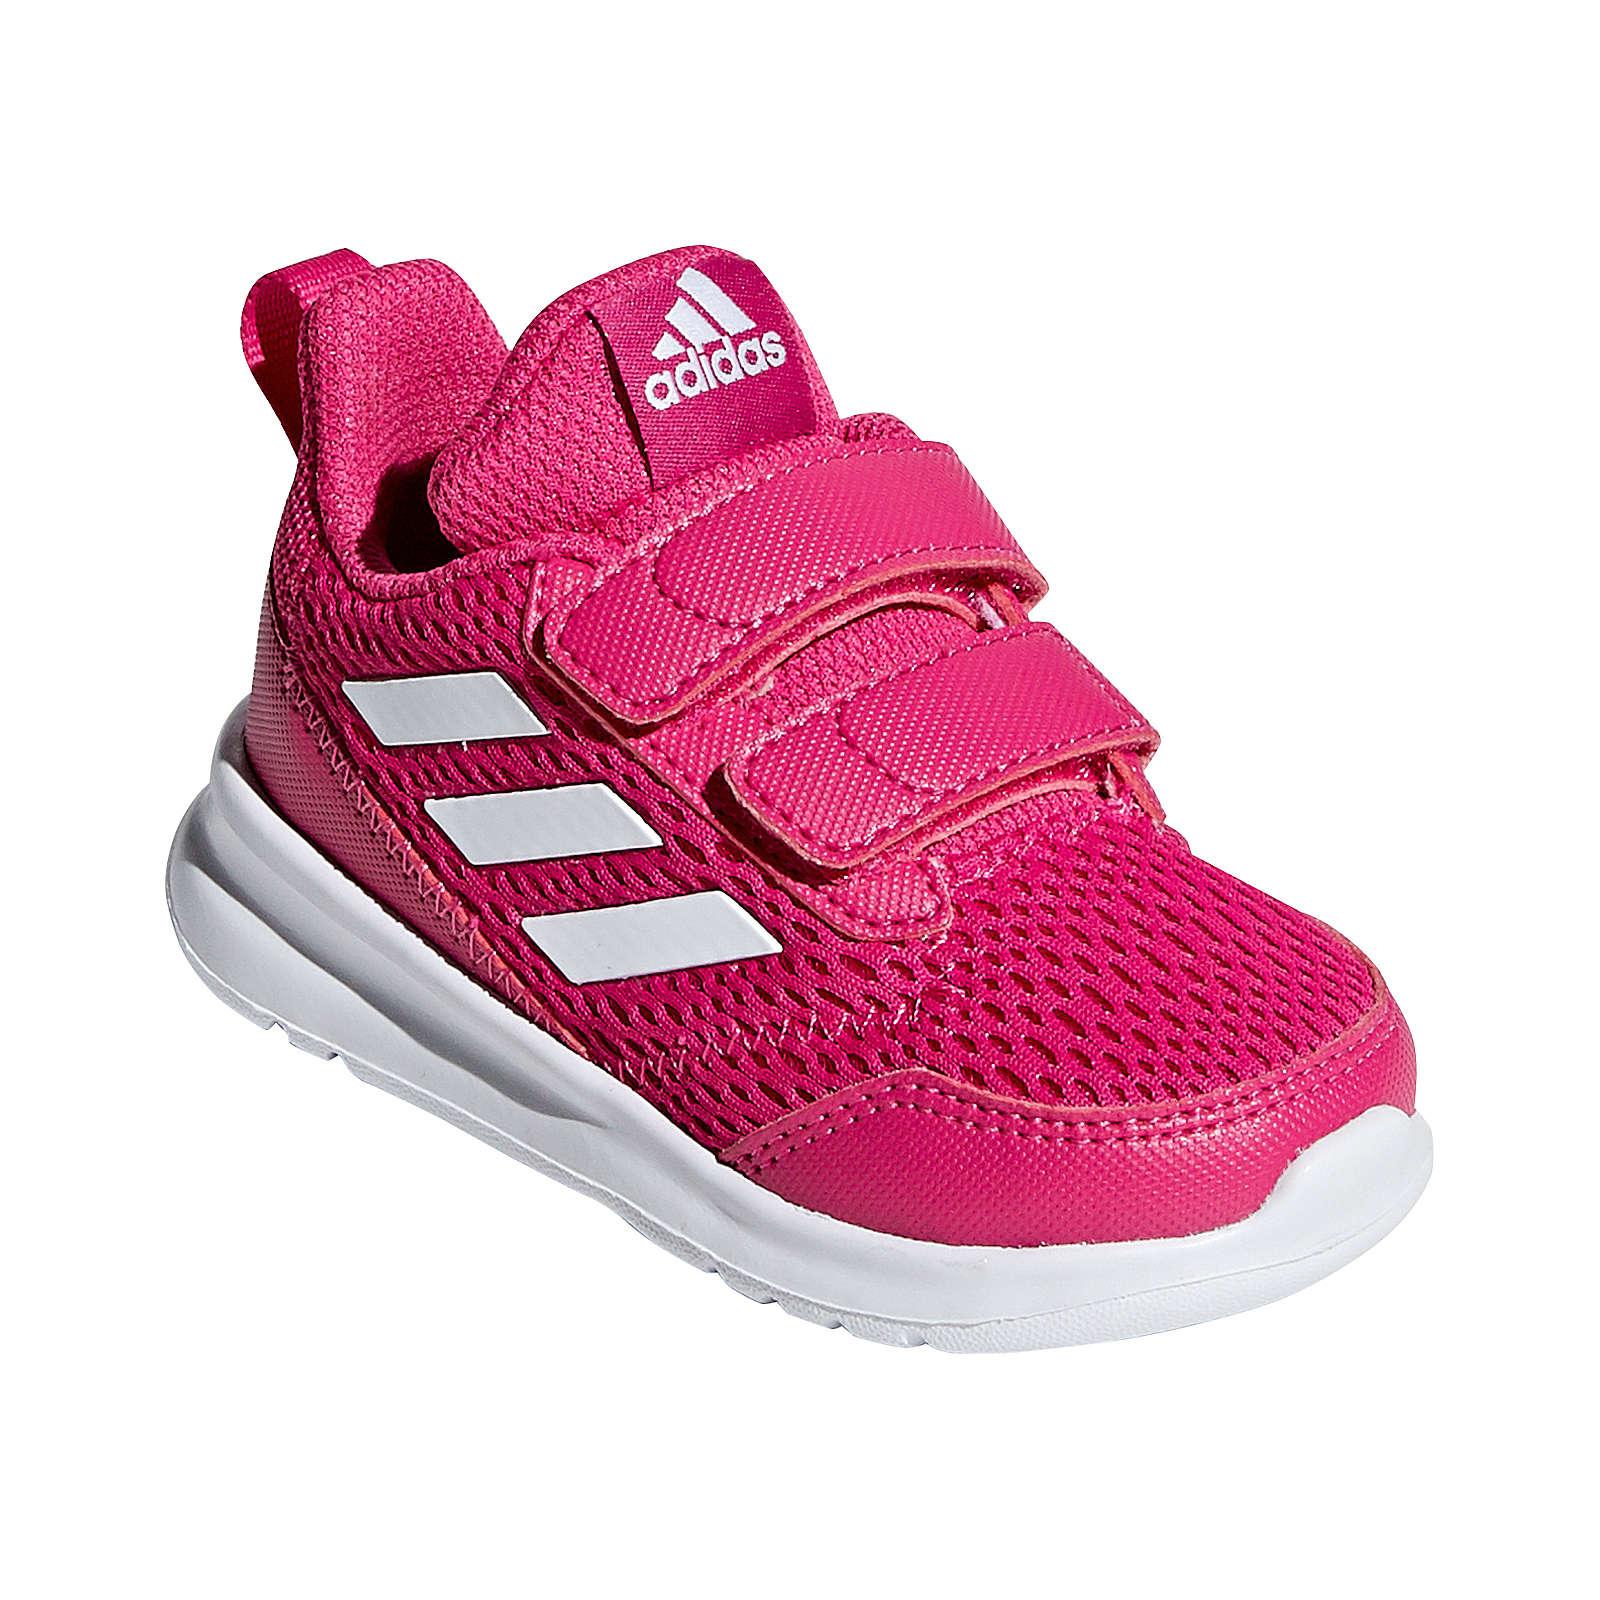 adidas Performance Baby Sportschuhe ALTA RUN CF für Mädchen pink Mädchen Gr. 25